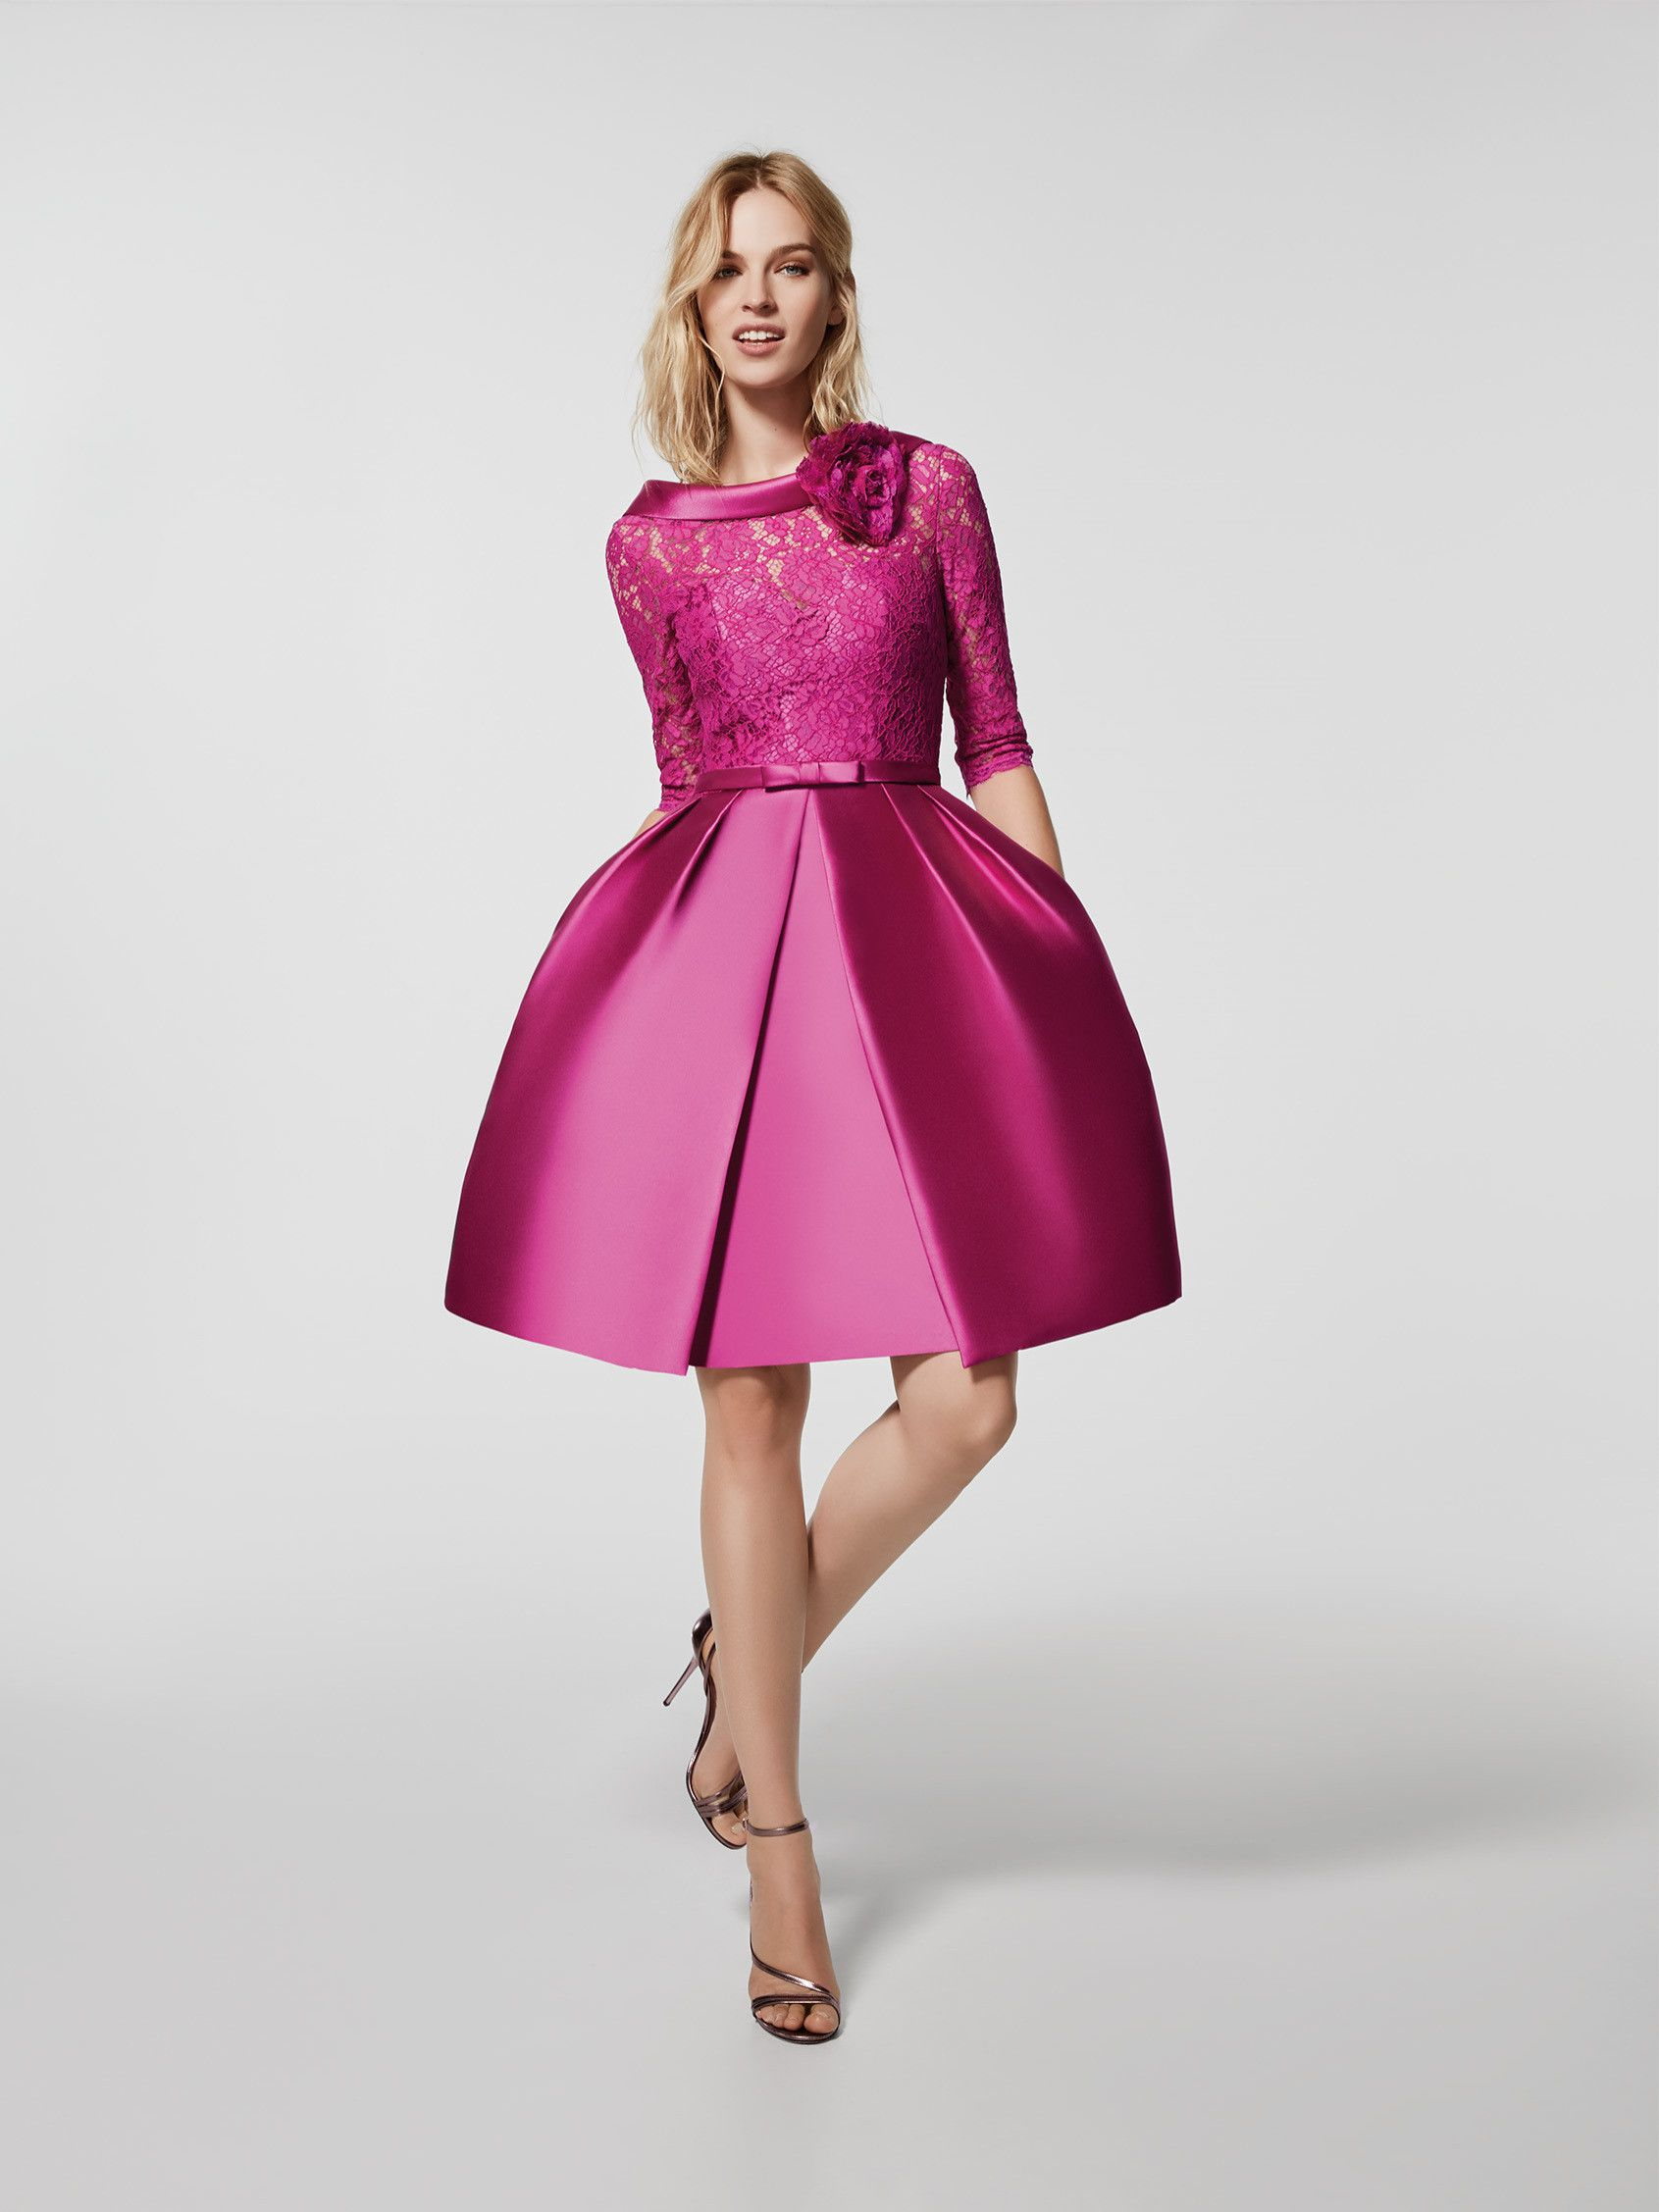 Vous recherchez une robe de soirée ? Cette robe courte de couleur ...